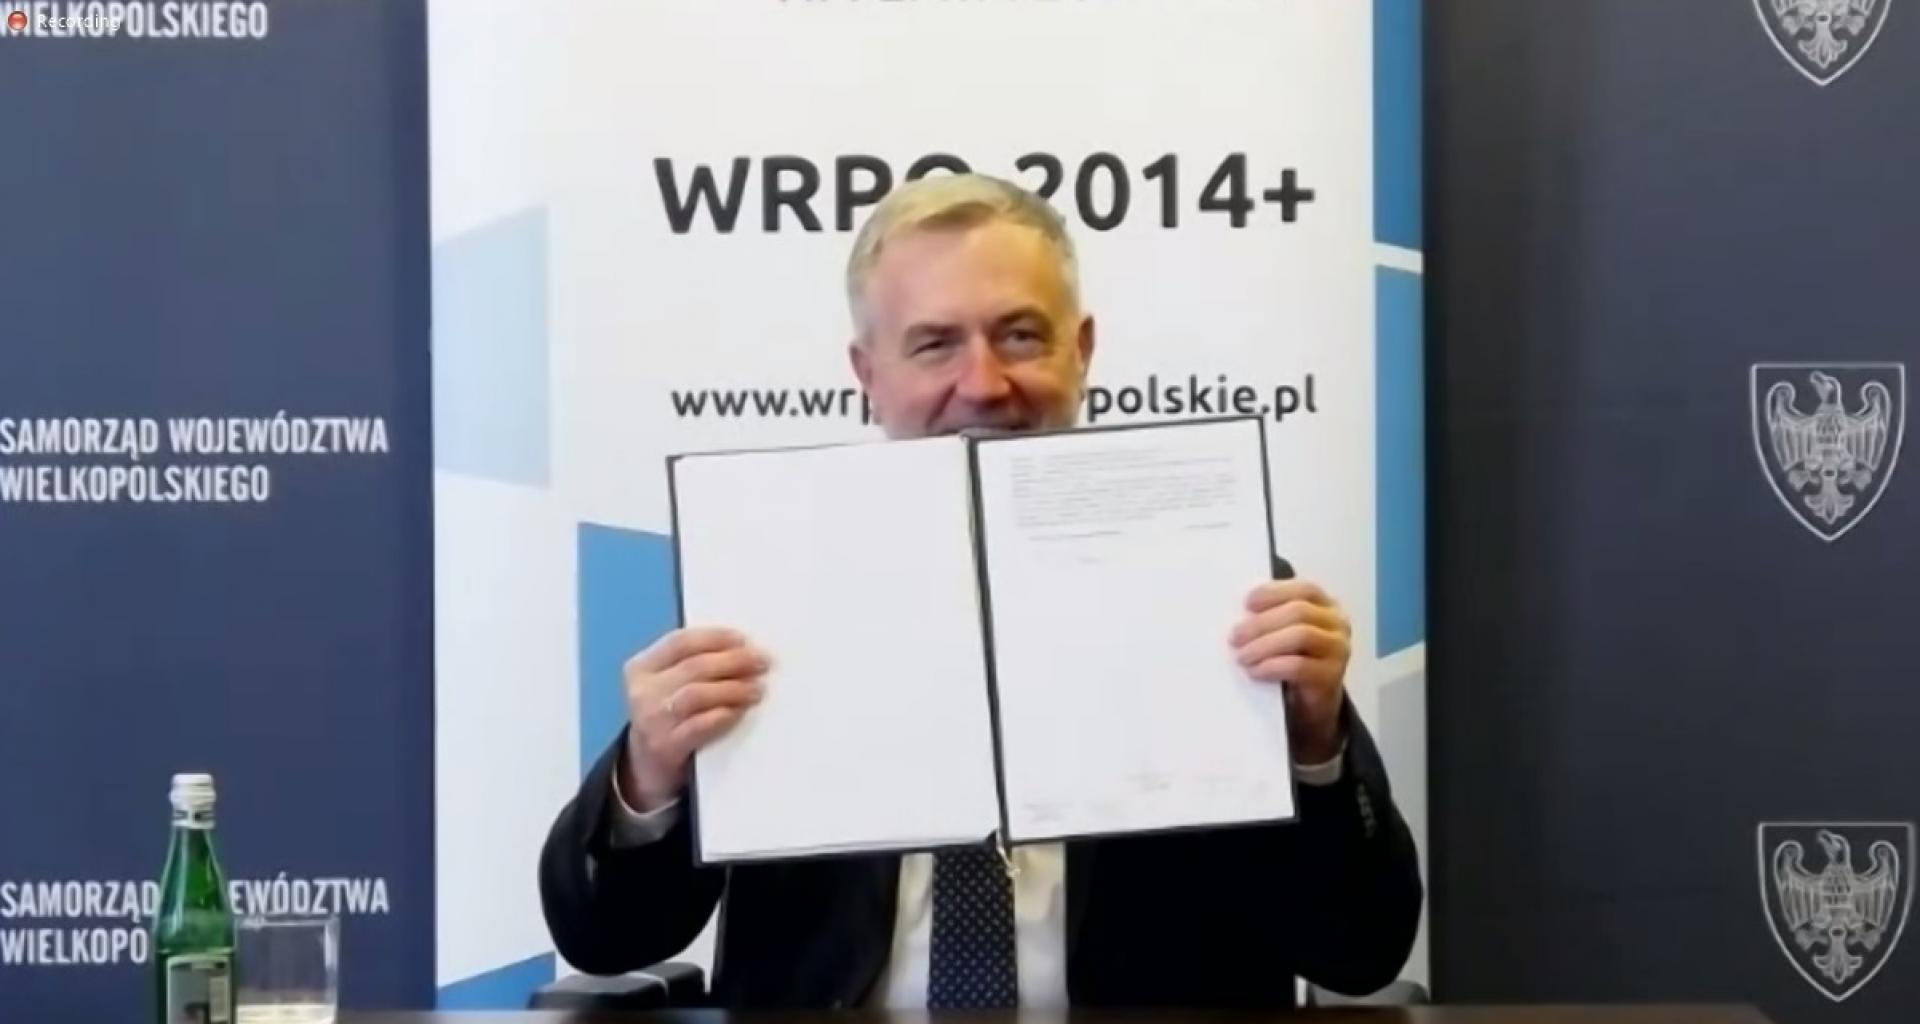 Prawie 6,3 mln zł unijnej dotacji z WRPO 2014+ trafi do kasy powiatu nowotomyskiego - zobacz więcej